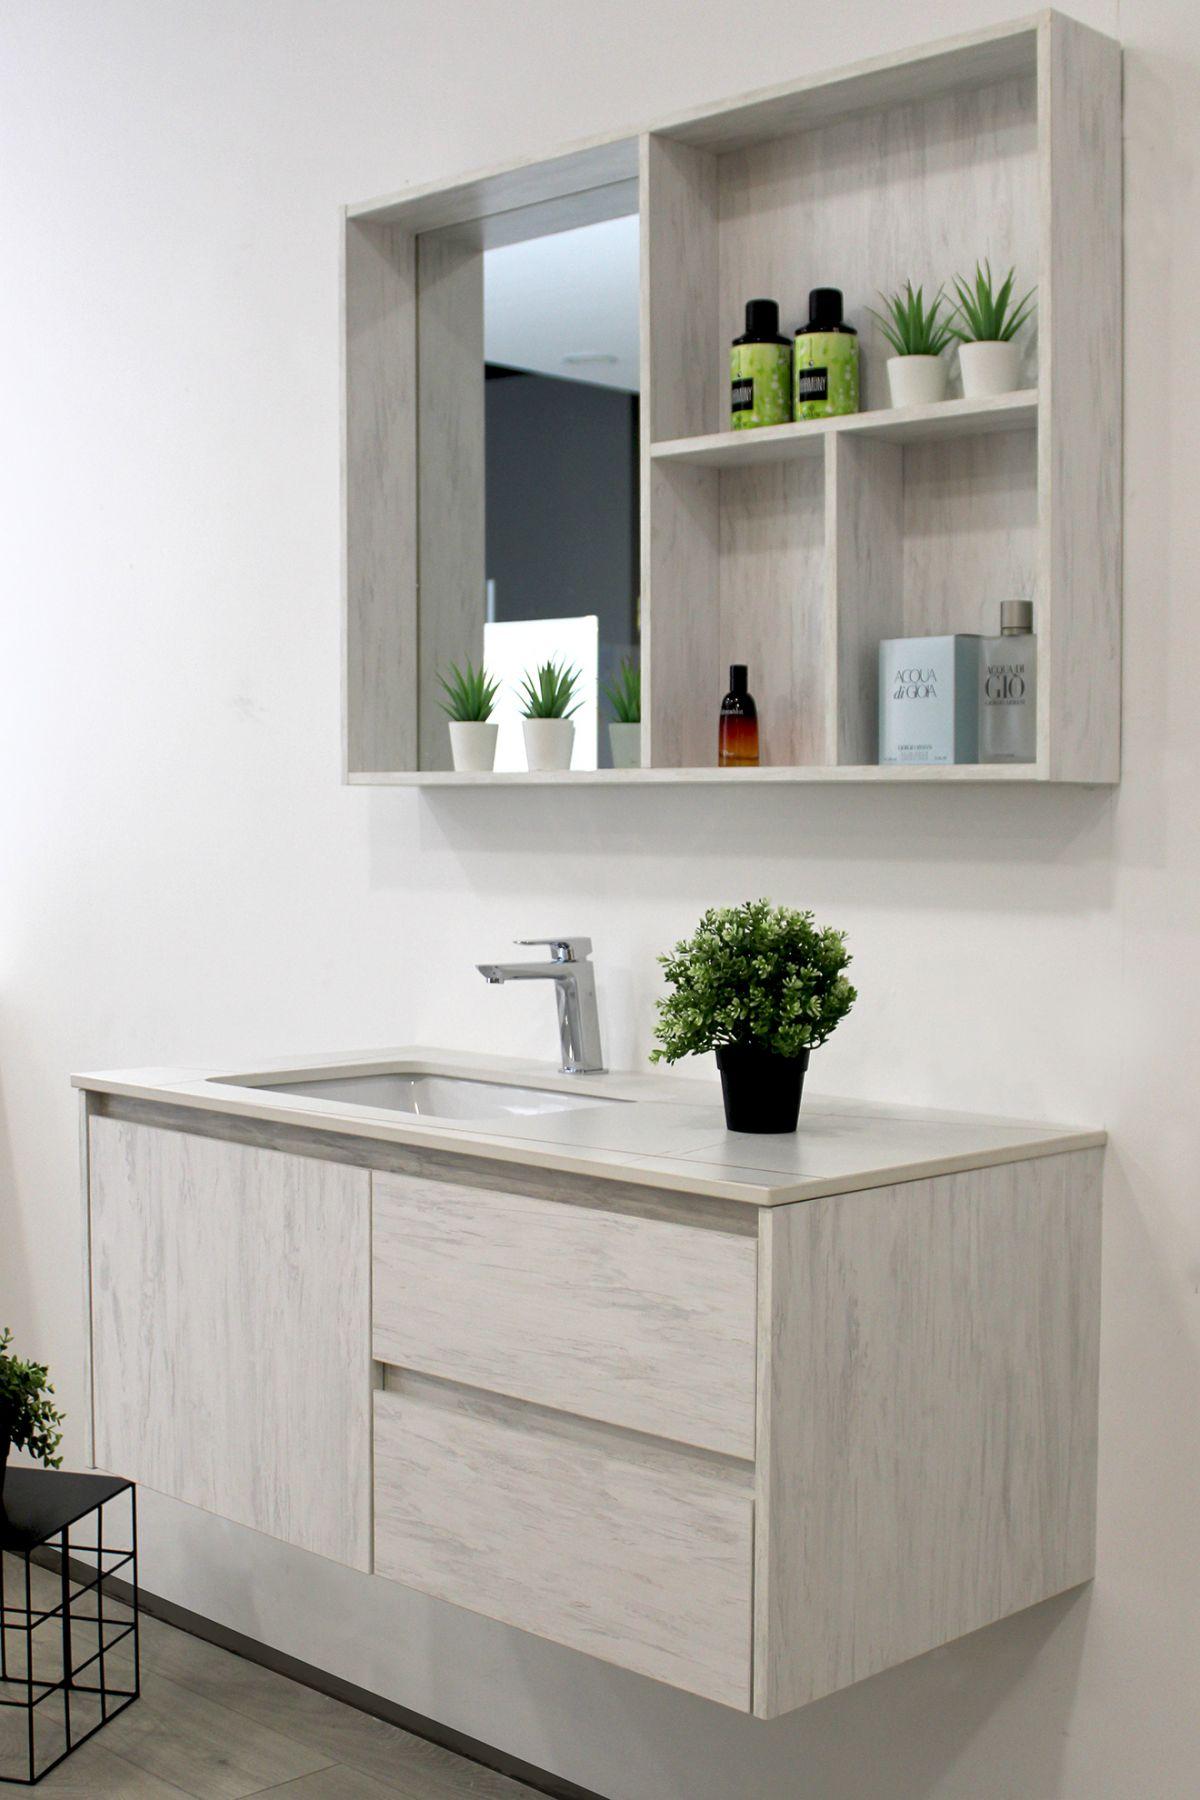 Mobile Bagno sofia laterale2 Mobile bagno Sofia sospeso da 100 cm grigio effetto legno con lavabo specchio e modulo a giorno